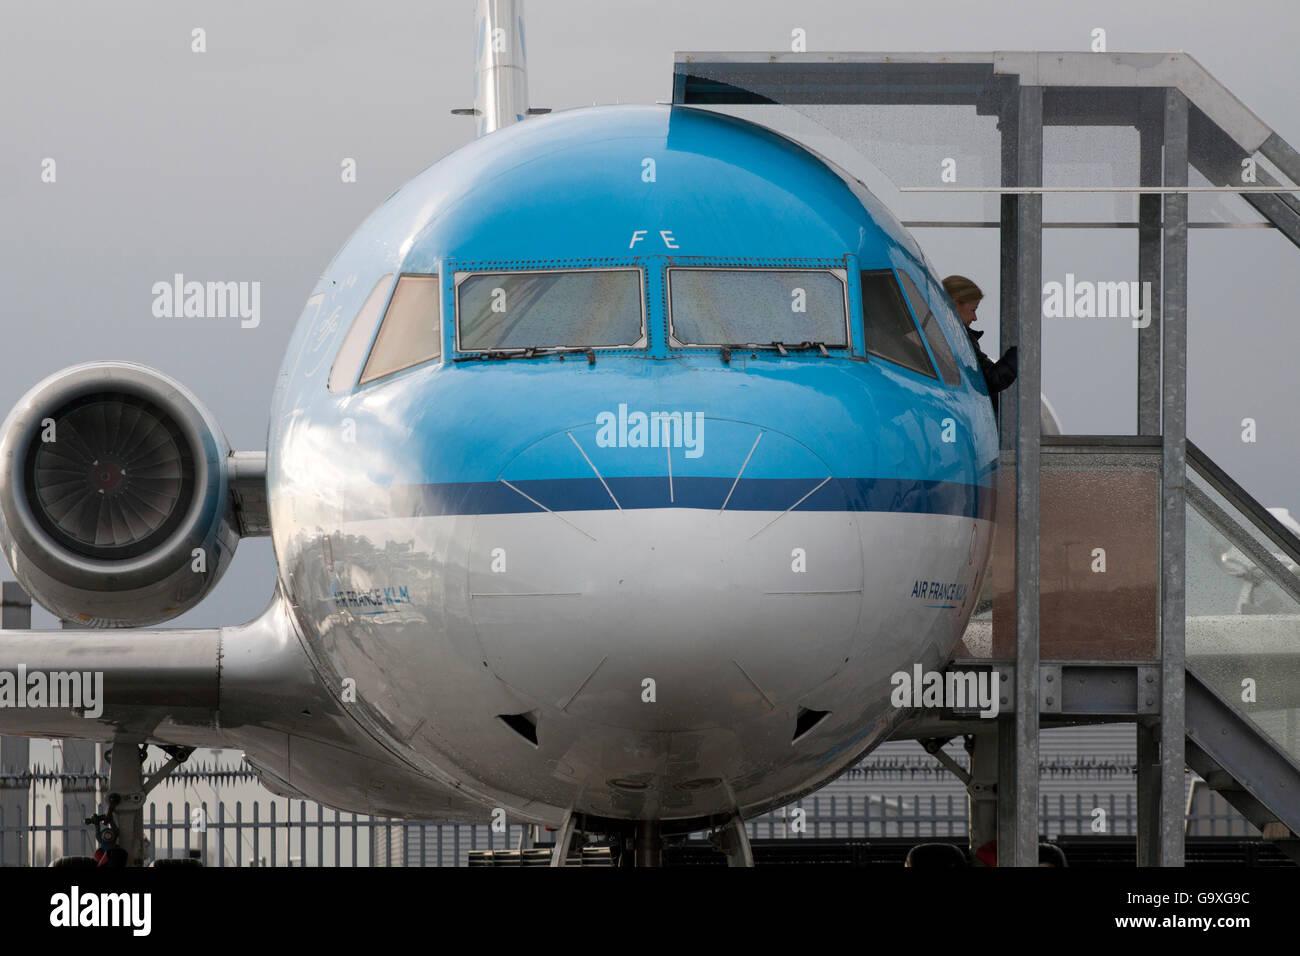 Amsterdam, Pays-Bas - 10 novembre ,2013 Fokker 100 avion sur l'aéroport de Schiphol. Cet avion ne vole Photo Stock